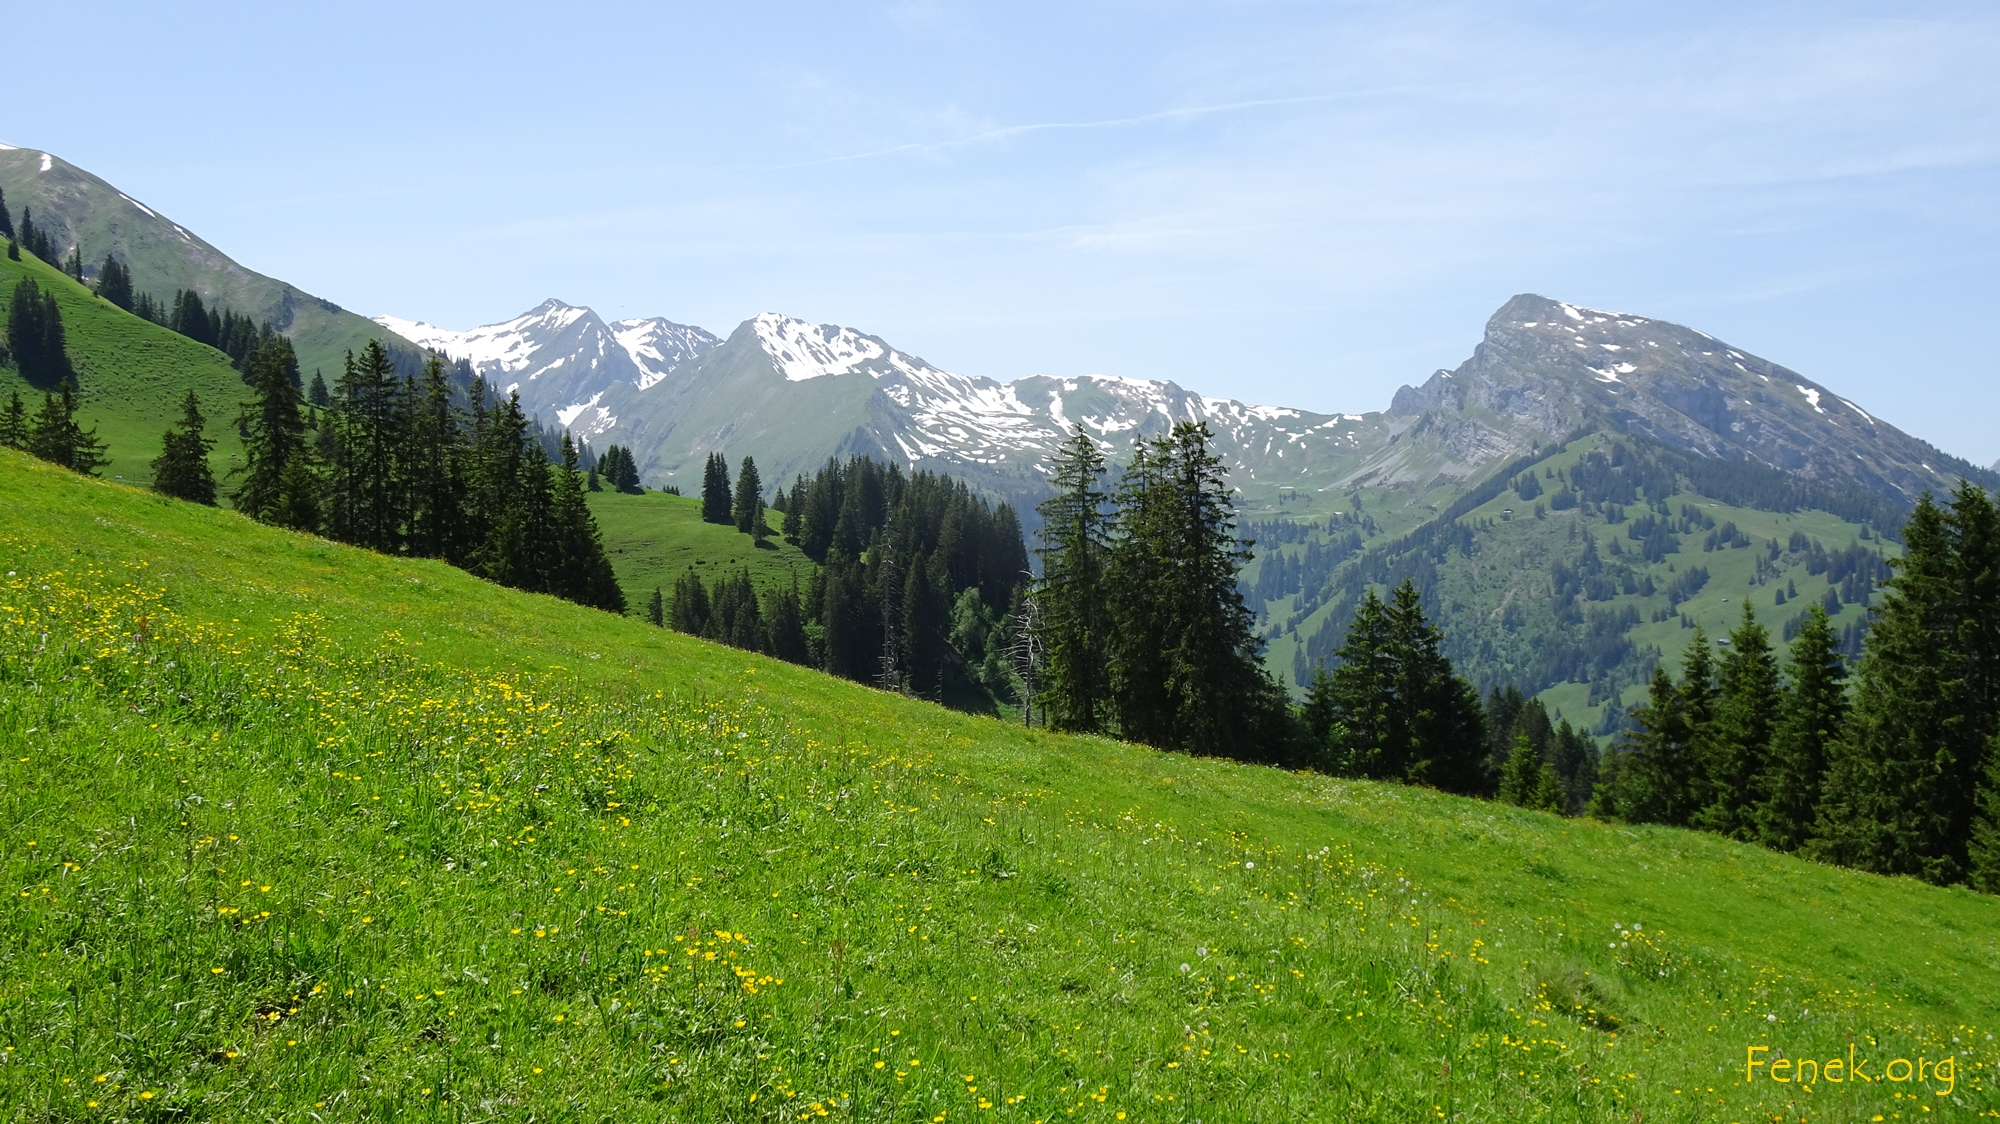 Sommerwiese im Diemtigtal - rechts Wierihore